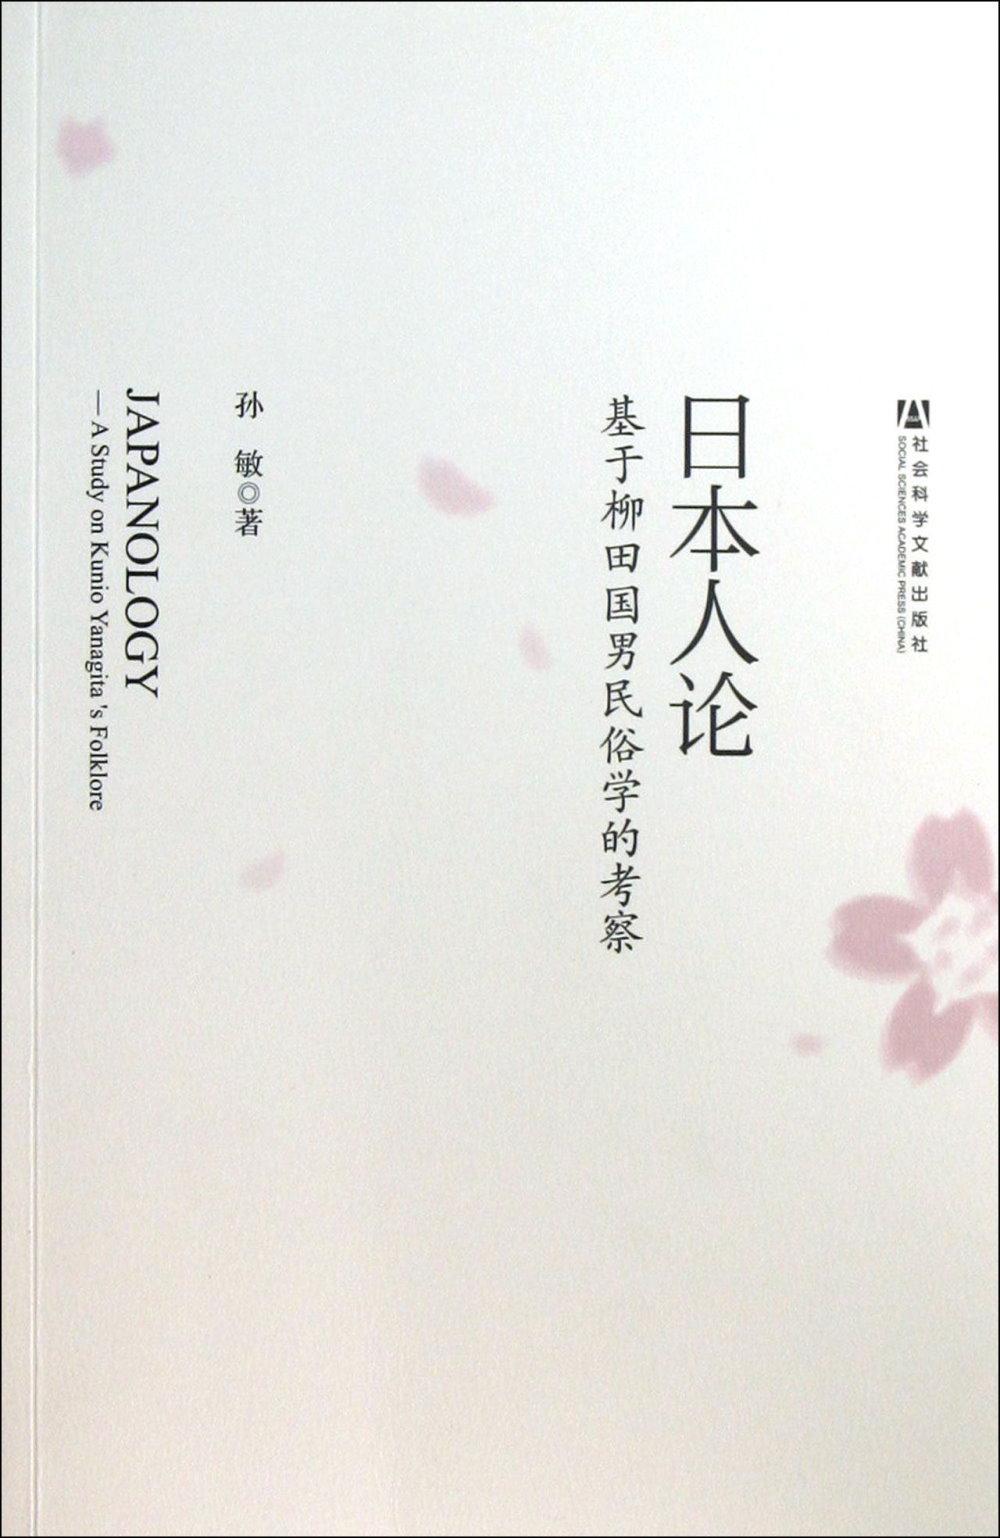 日本人論:基於柳田國男民俗學的考察